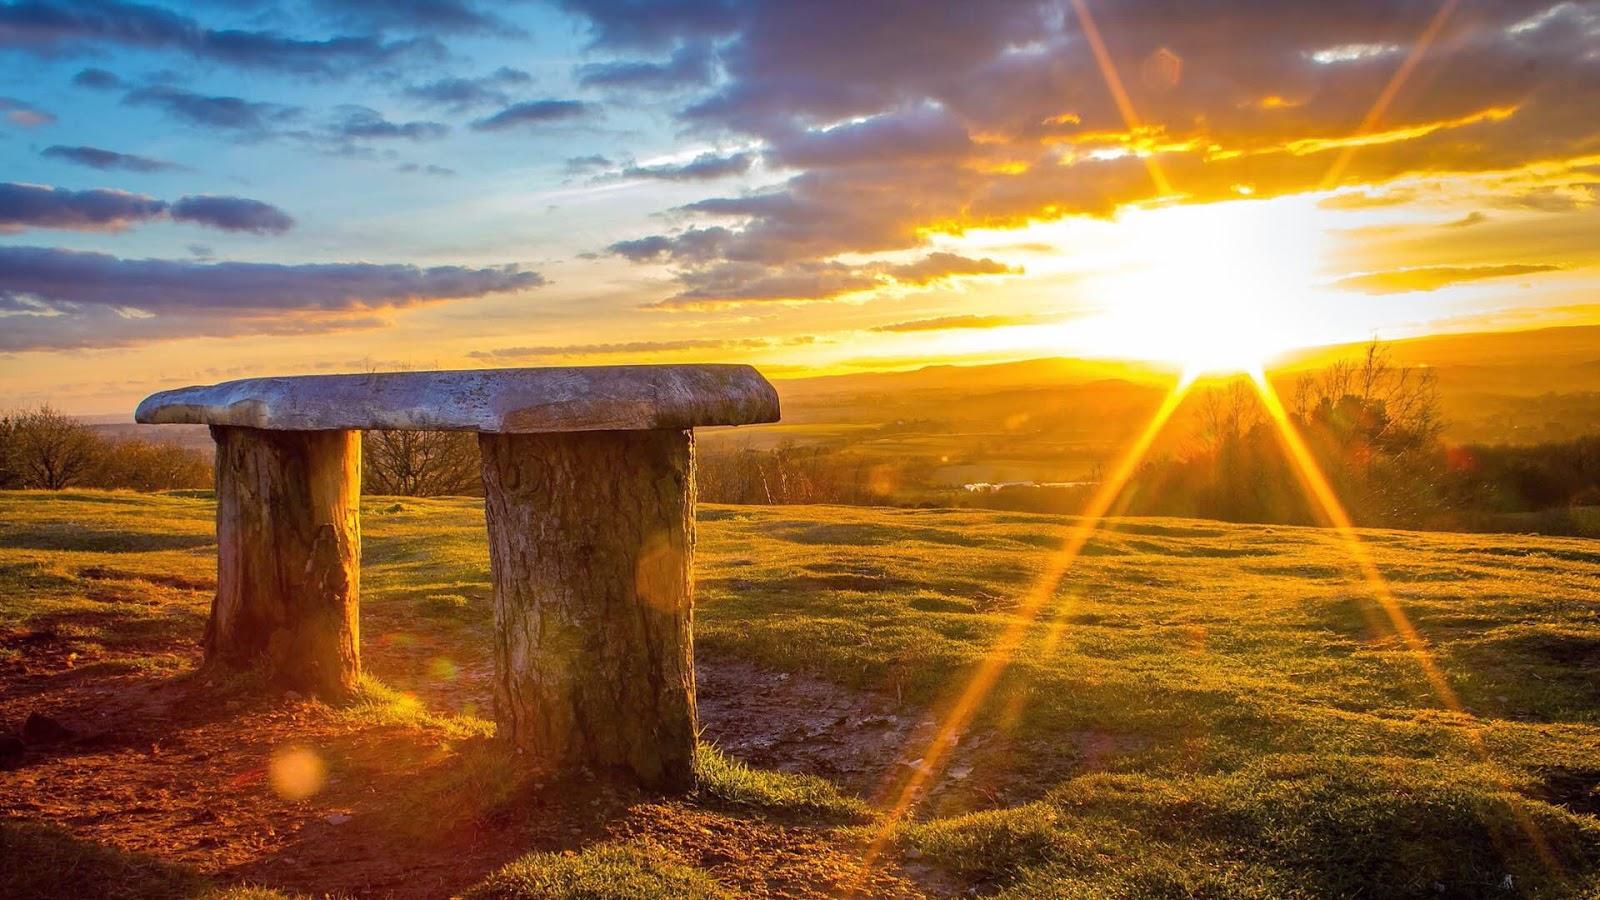 Reino Unido Safari - Un sitio para cualquier persona interesada en la vida salvaje de Gran Bretaña e Irlanda del Norte